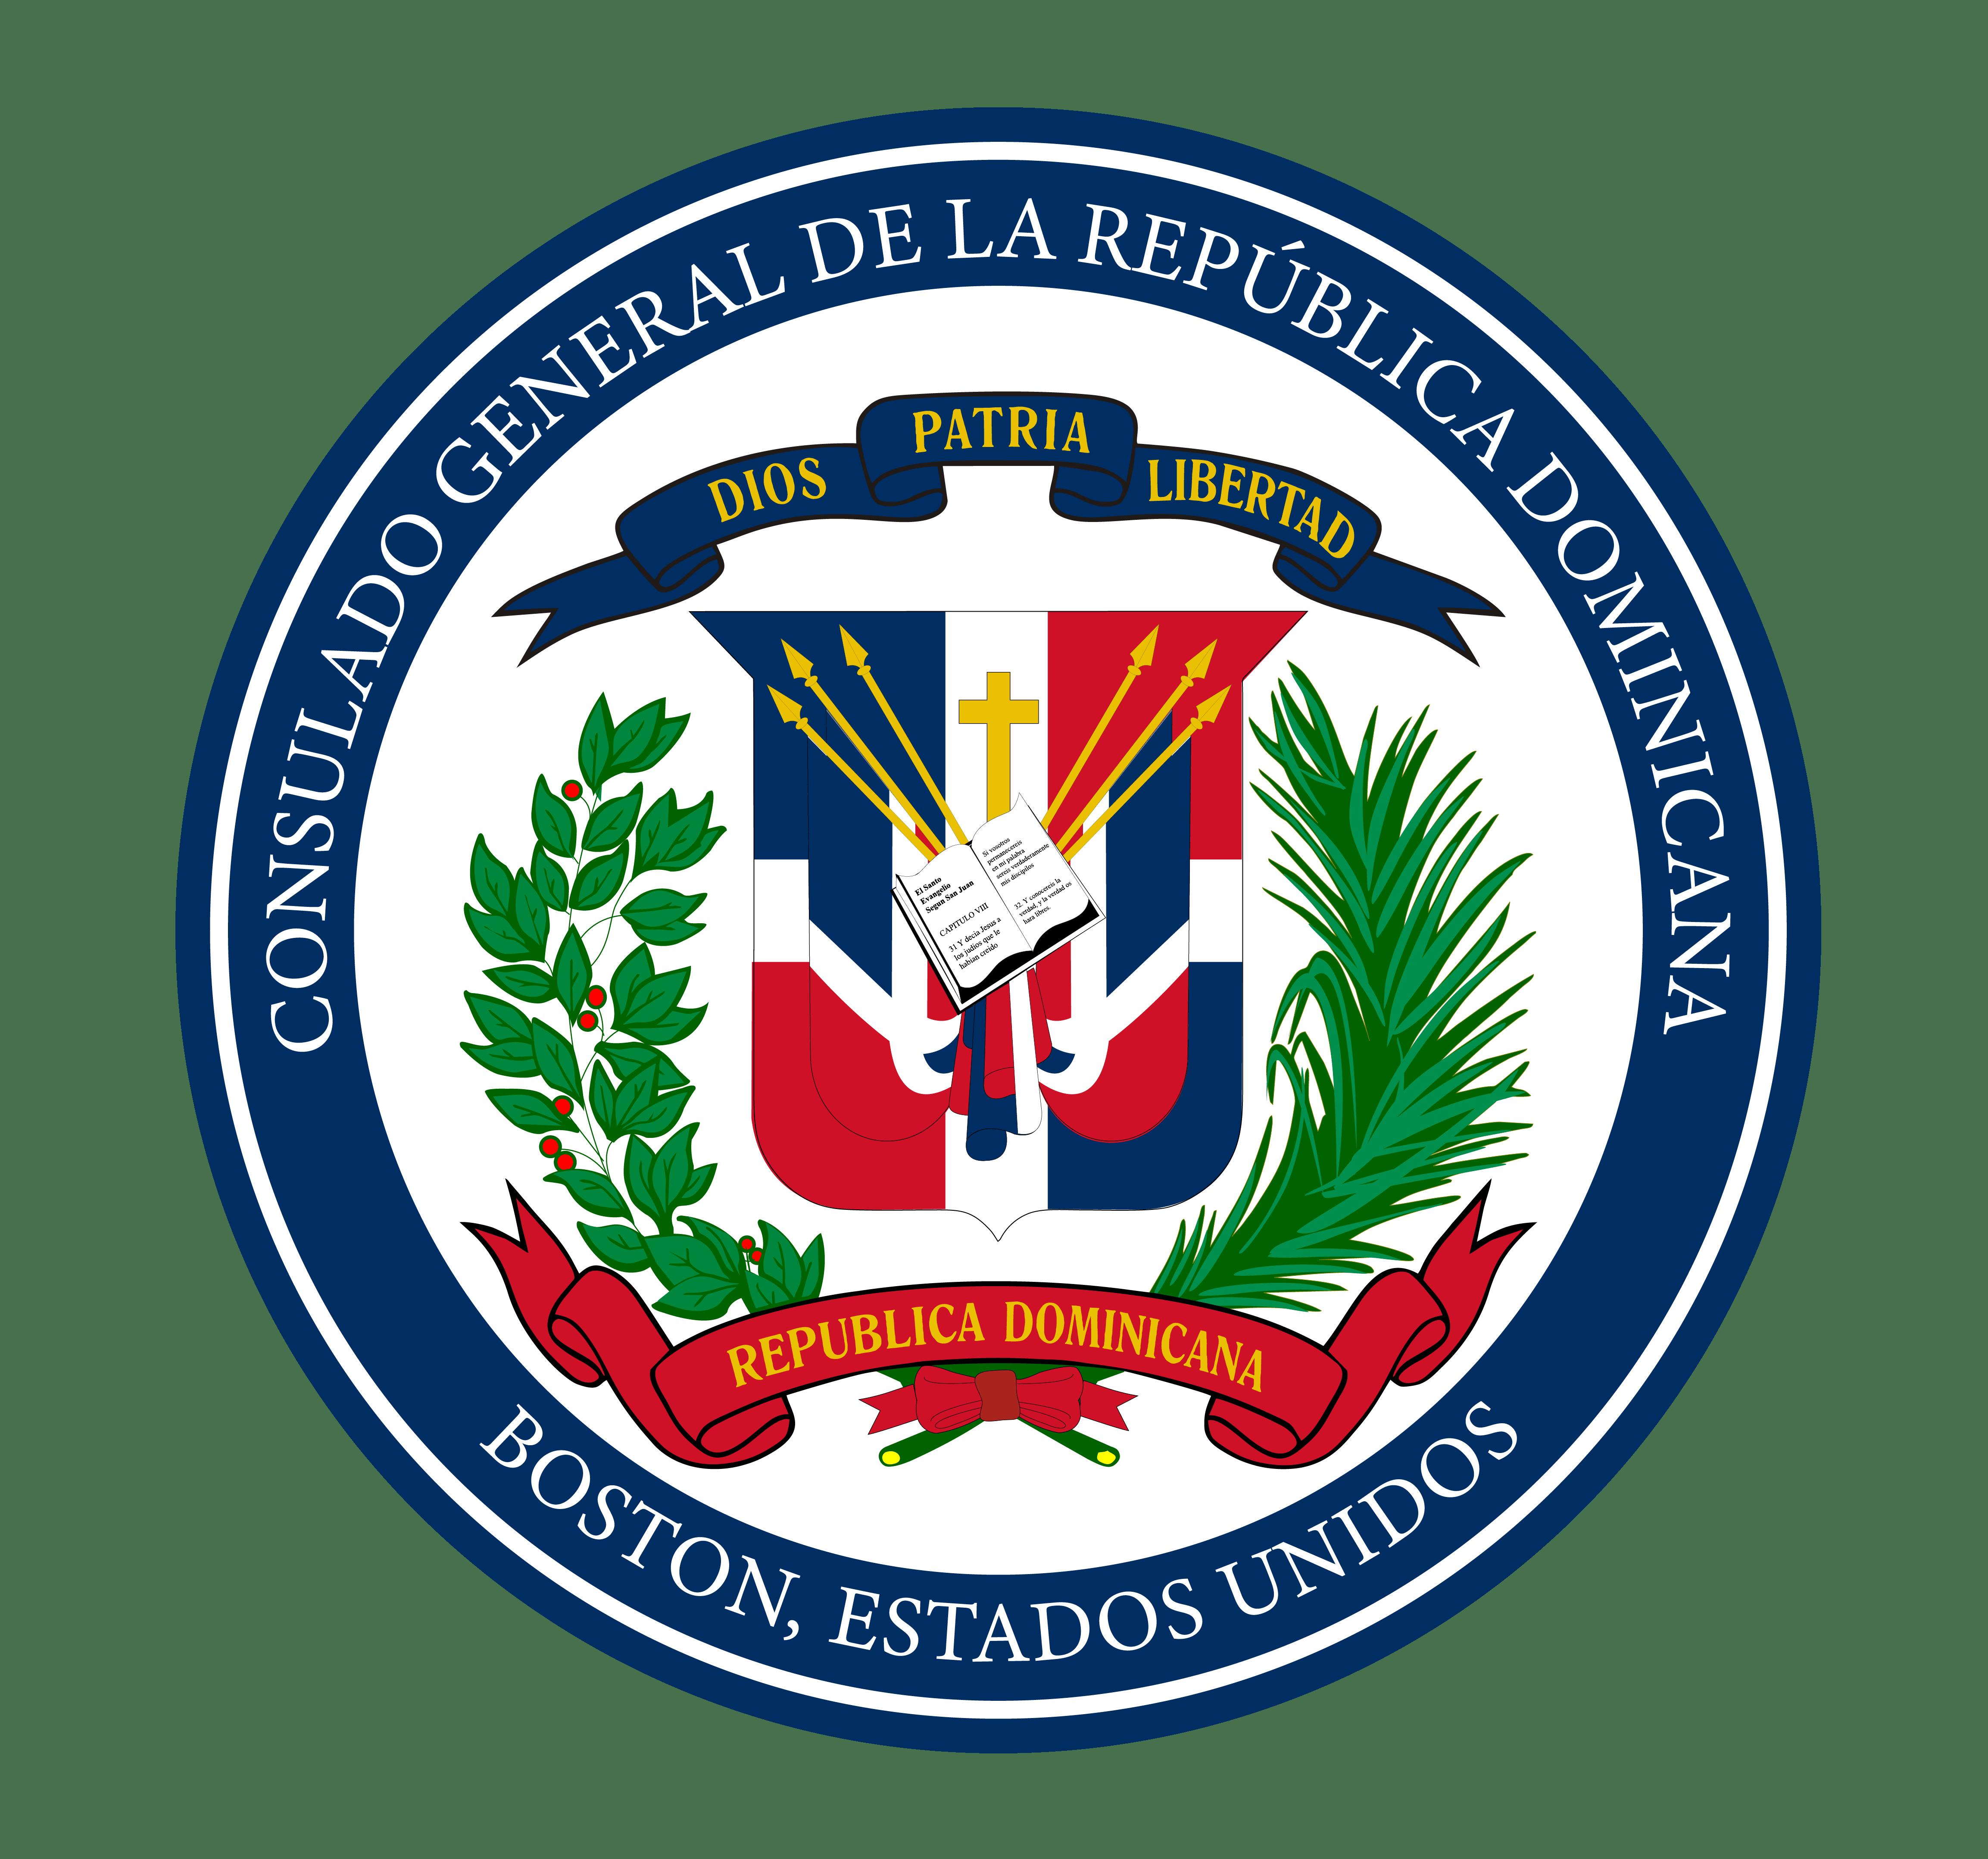 Consulado General de la Republica Dominicana en Boston, MA.